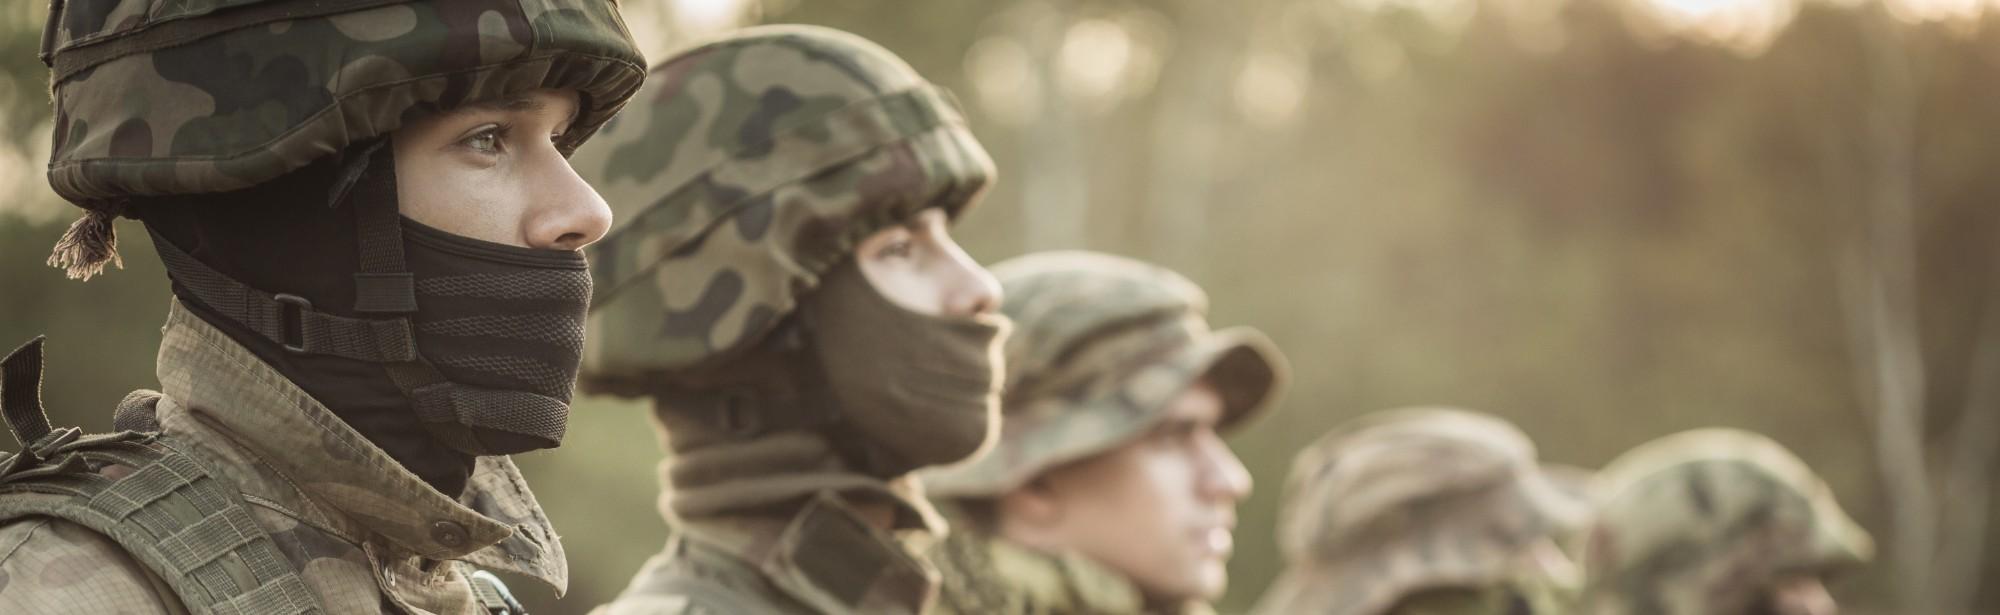 Disziplinarrecht der Beamten und Soldaten